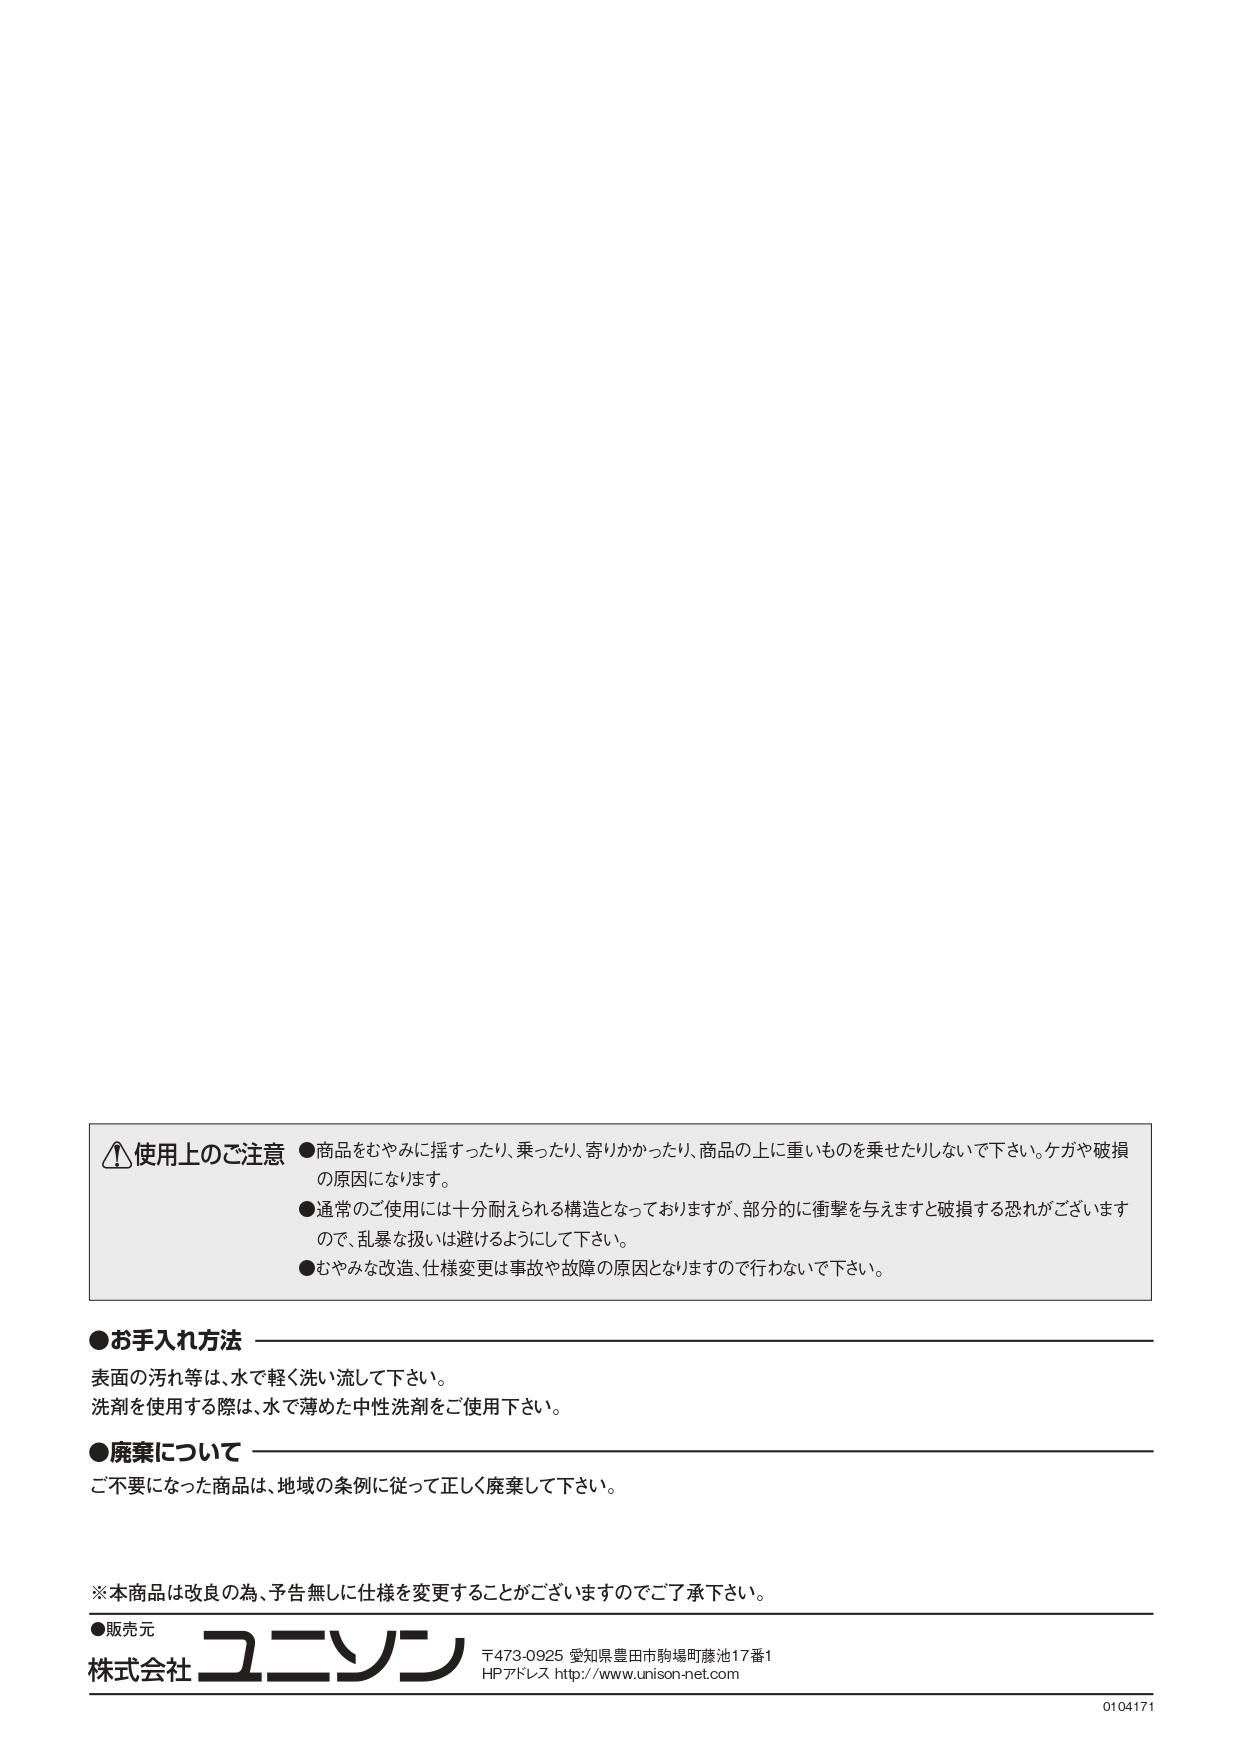 フォルガS 施工説明書_page-0004